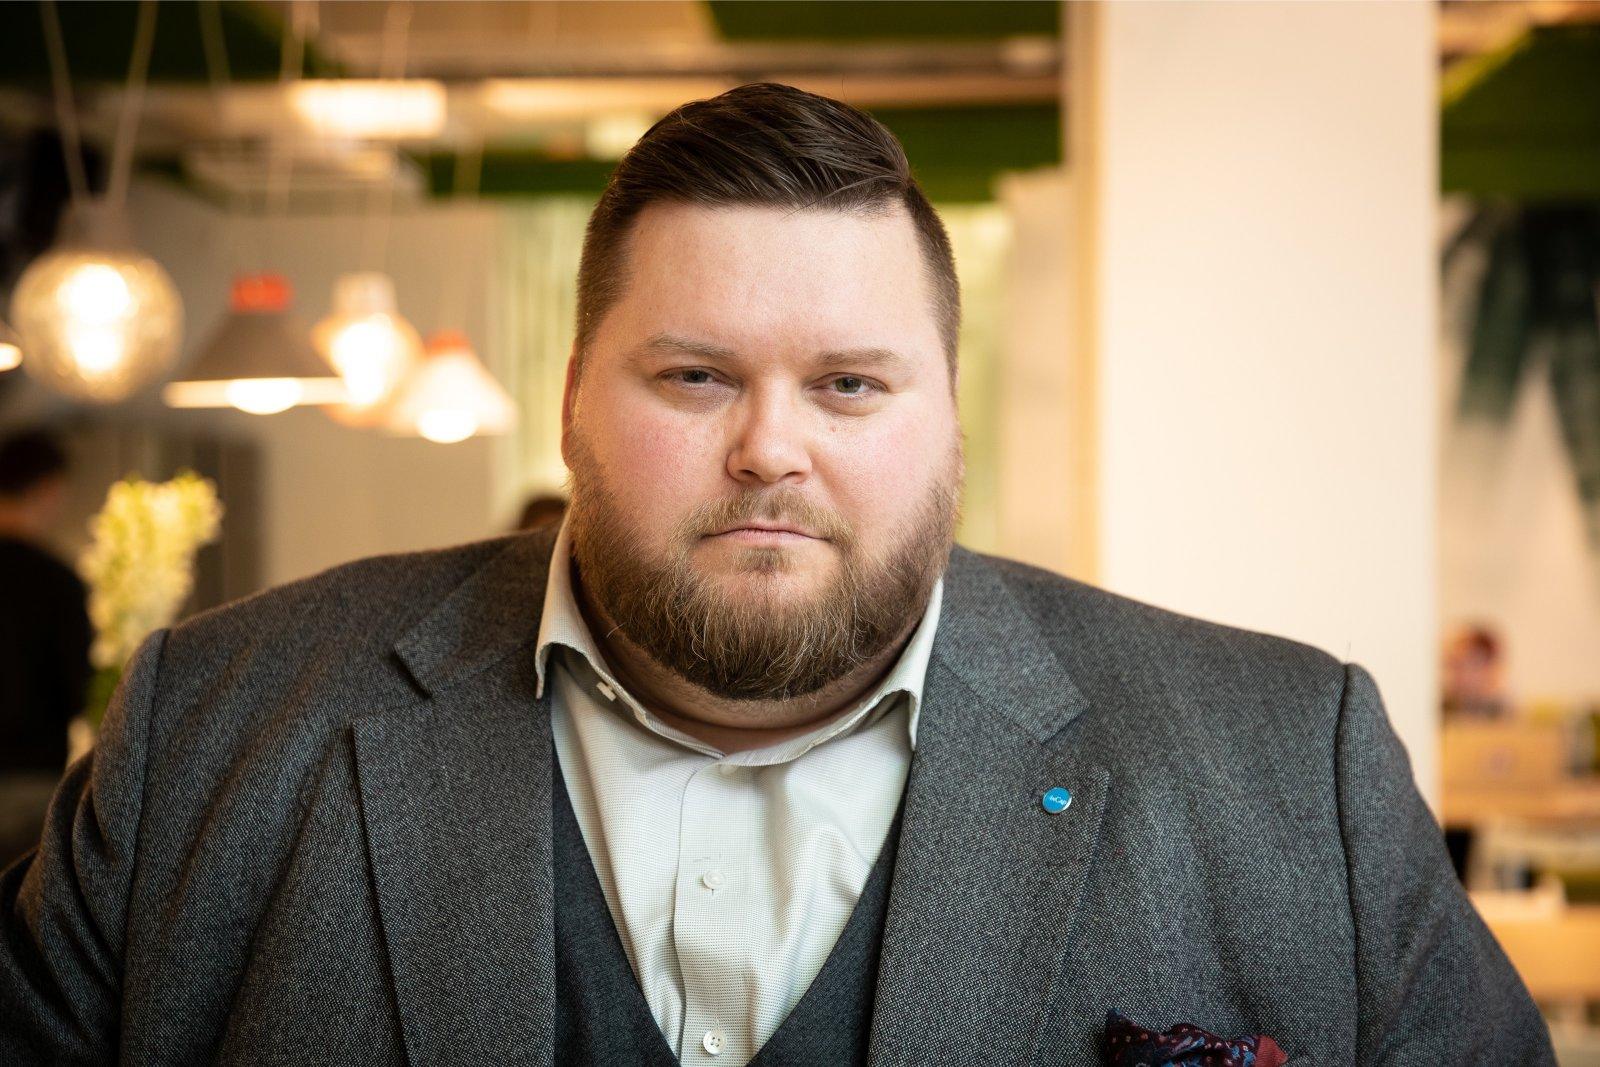 Töösturid uuele valitsusele:  tööstus on Eesti majanduse selgroog ja vajab eraldi ministrit